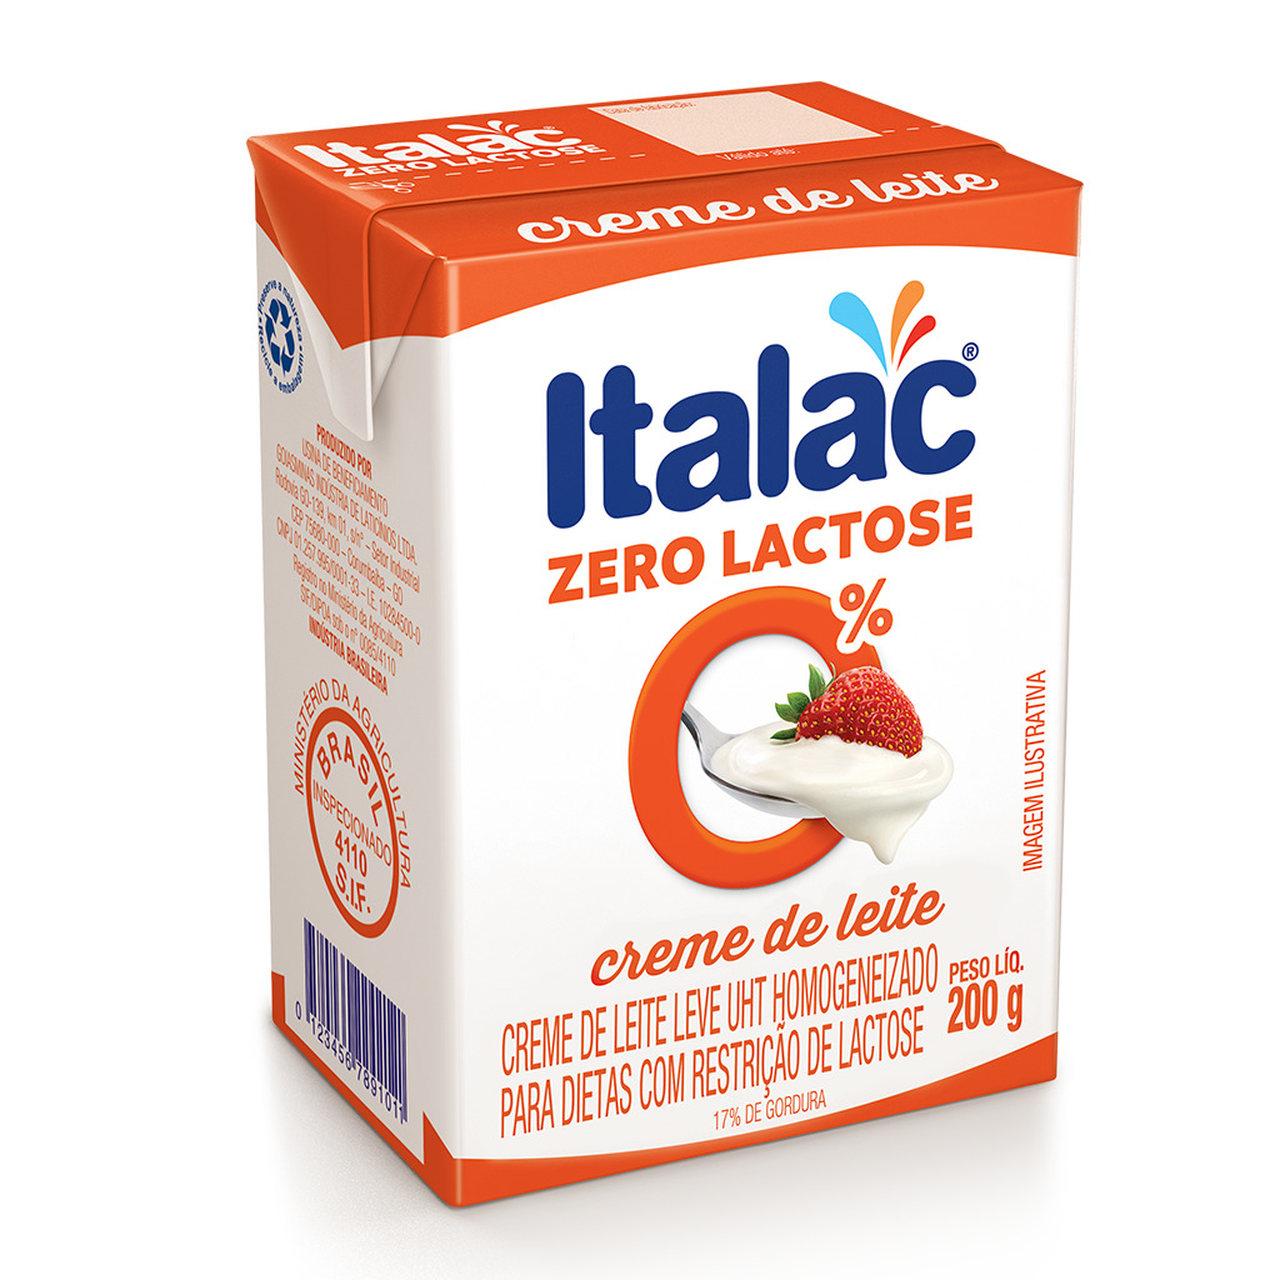 CREME DE LEITE ITALAC 0% LACTOSE 200 G